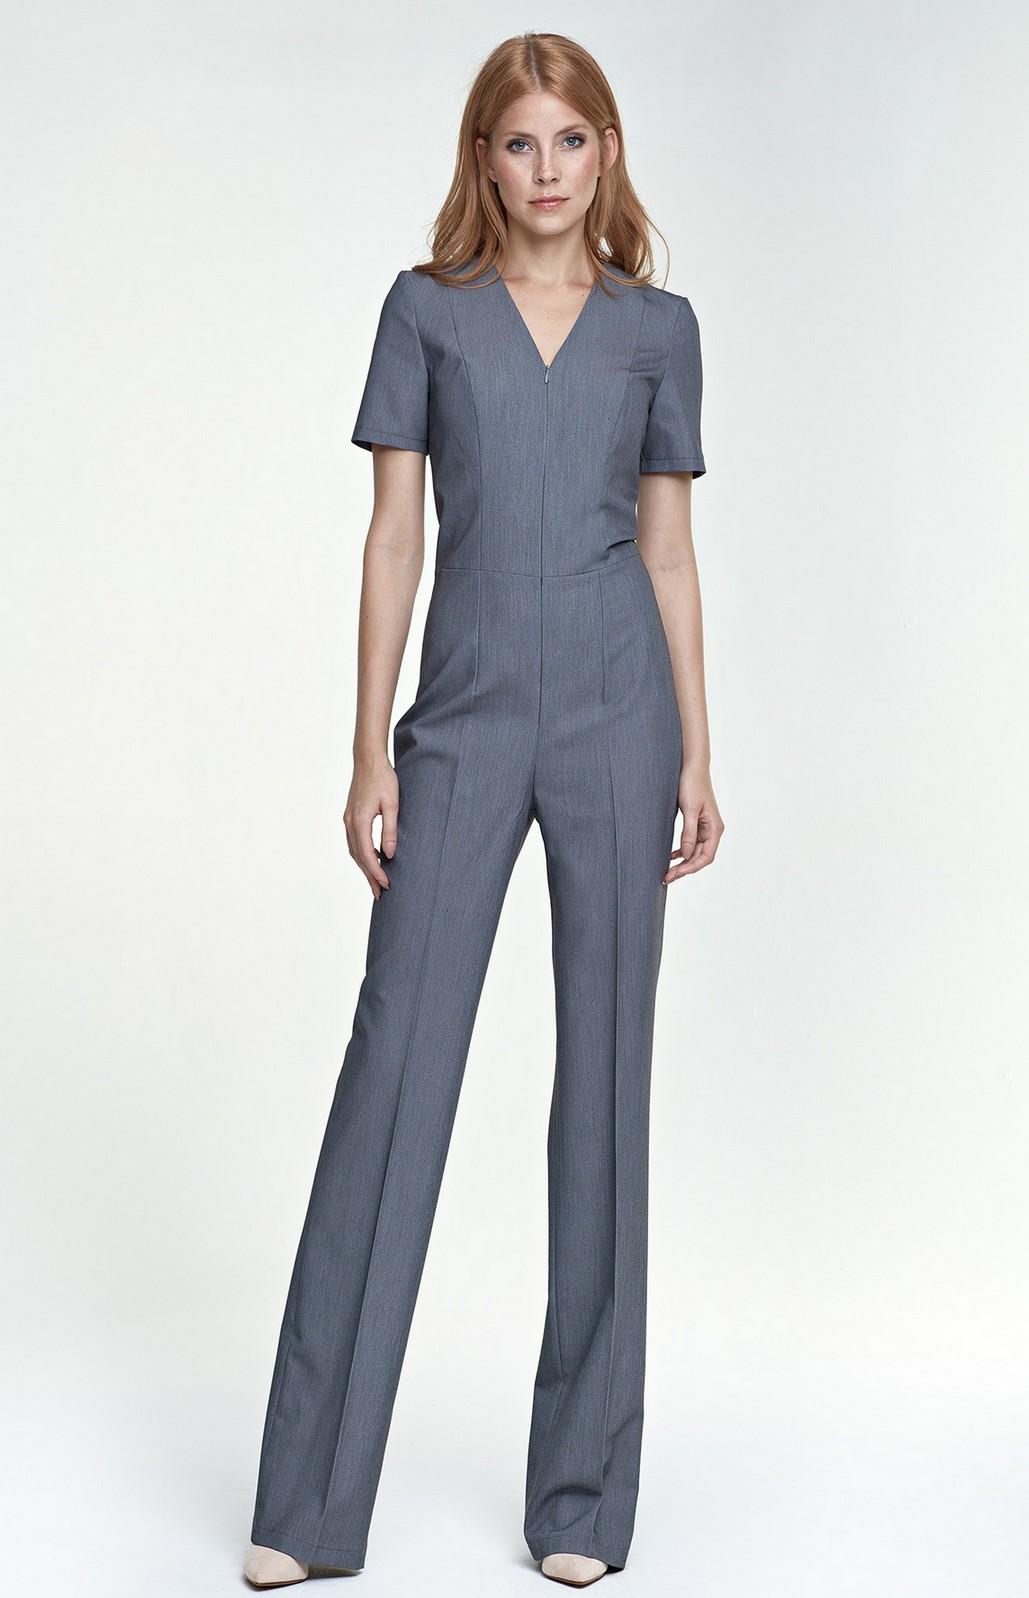 Combinaison pantalon zipp e grise nik04g idresstocode boutique de d shabill s et nuisettes - Combinaison pantalon femme chic ...